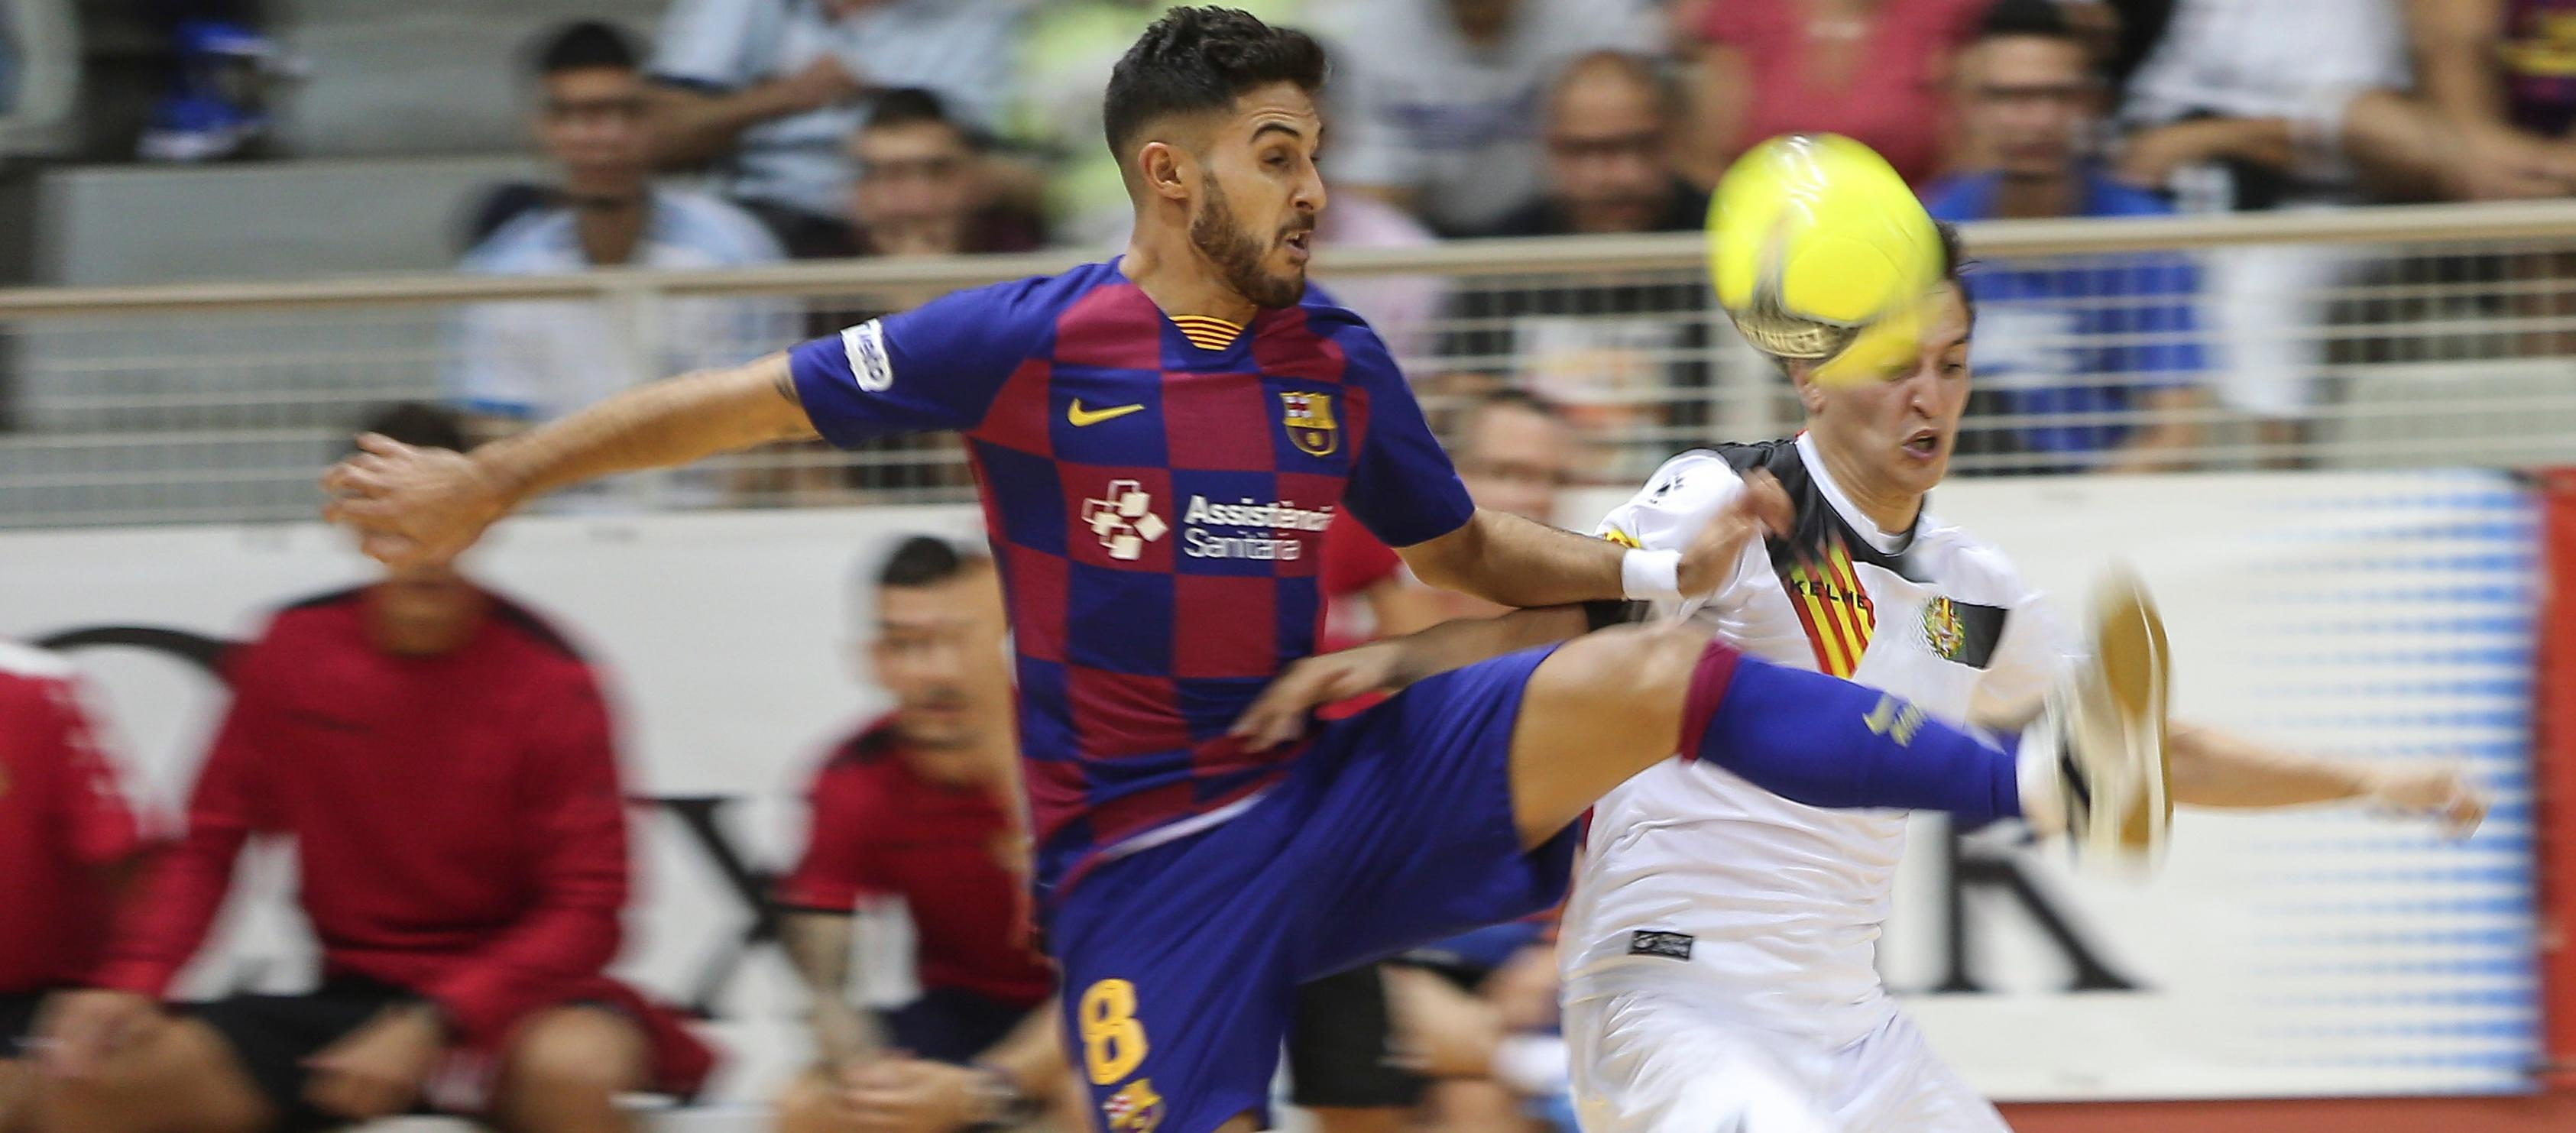 Adolfo Fernández, escollit com a millor ala de la 1a divisió Nacional de futbol sala